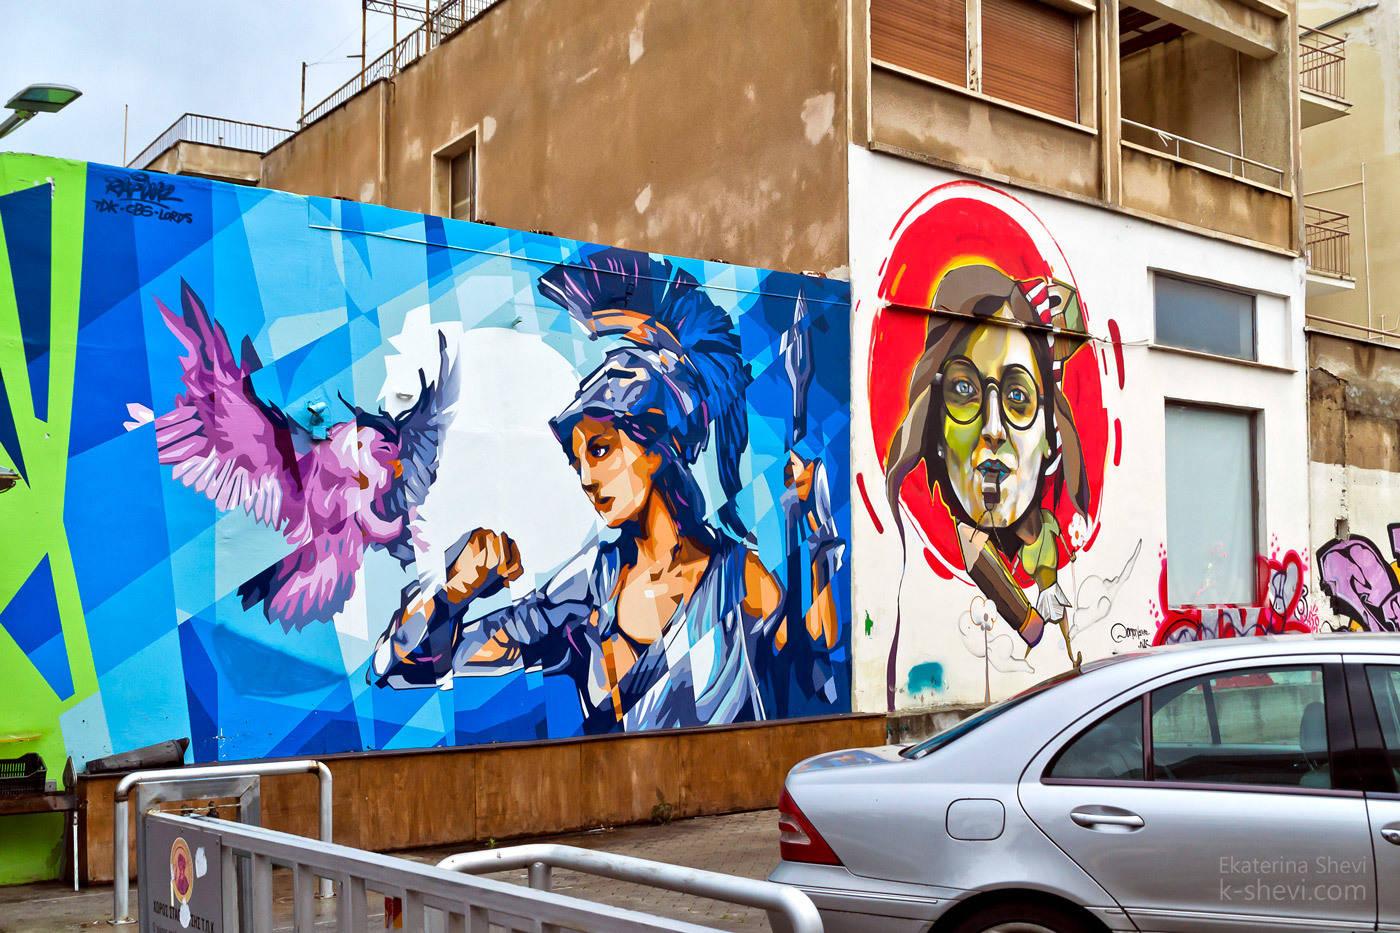 Стрит- арт это произведения искусства, которыми делятся художники со случайными людьми. Но здесь совершенно понятна разница между искусством и вандализмом.